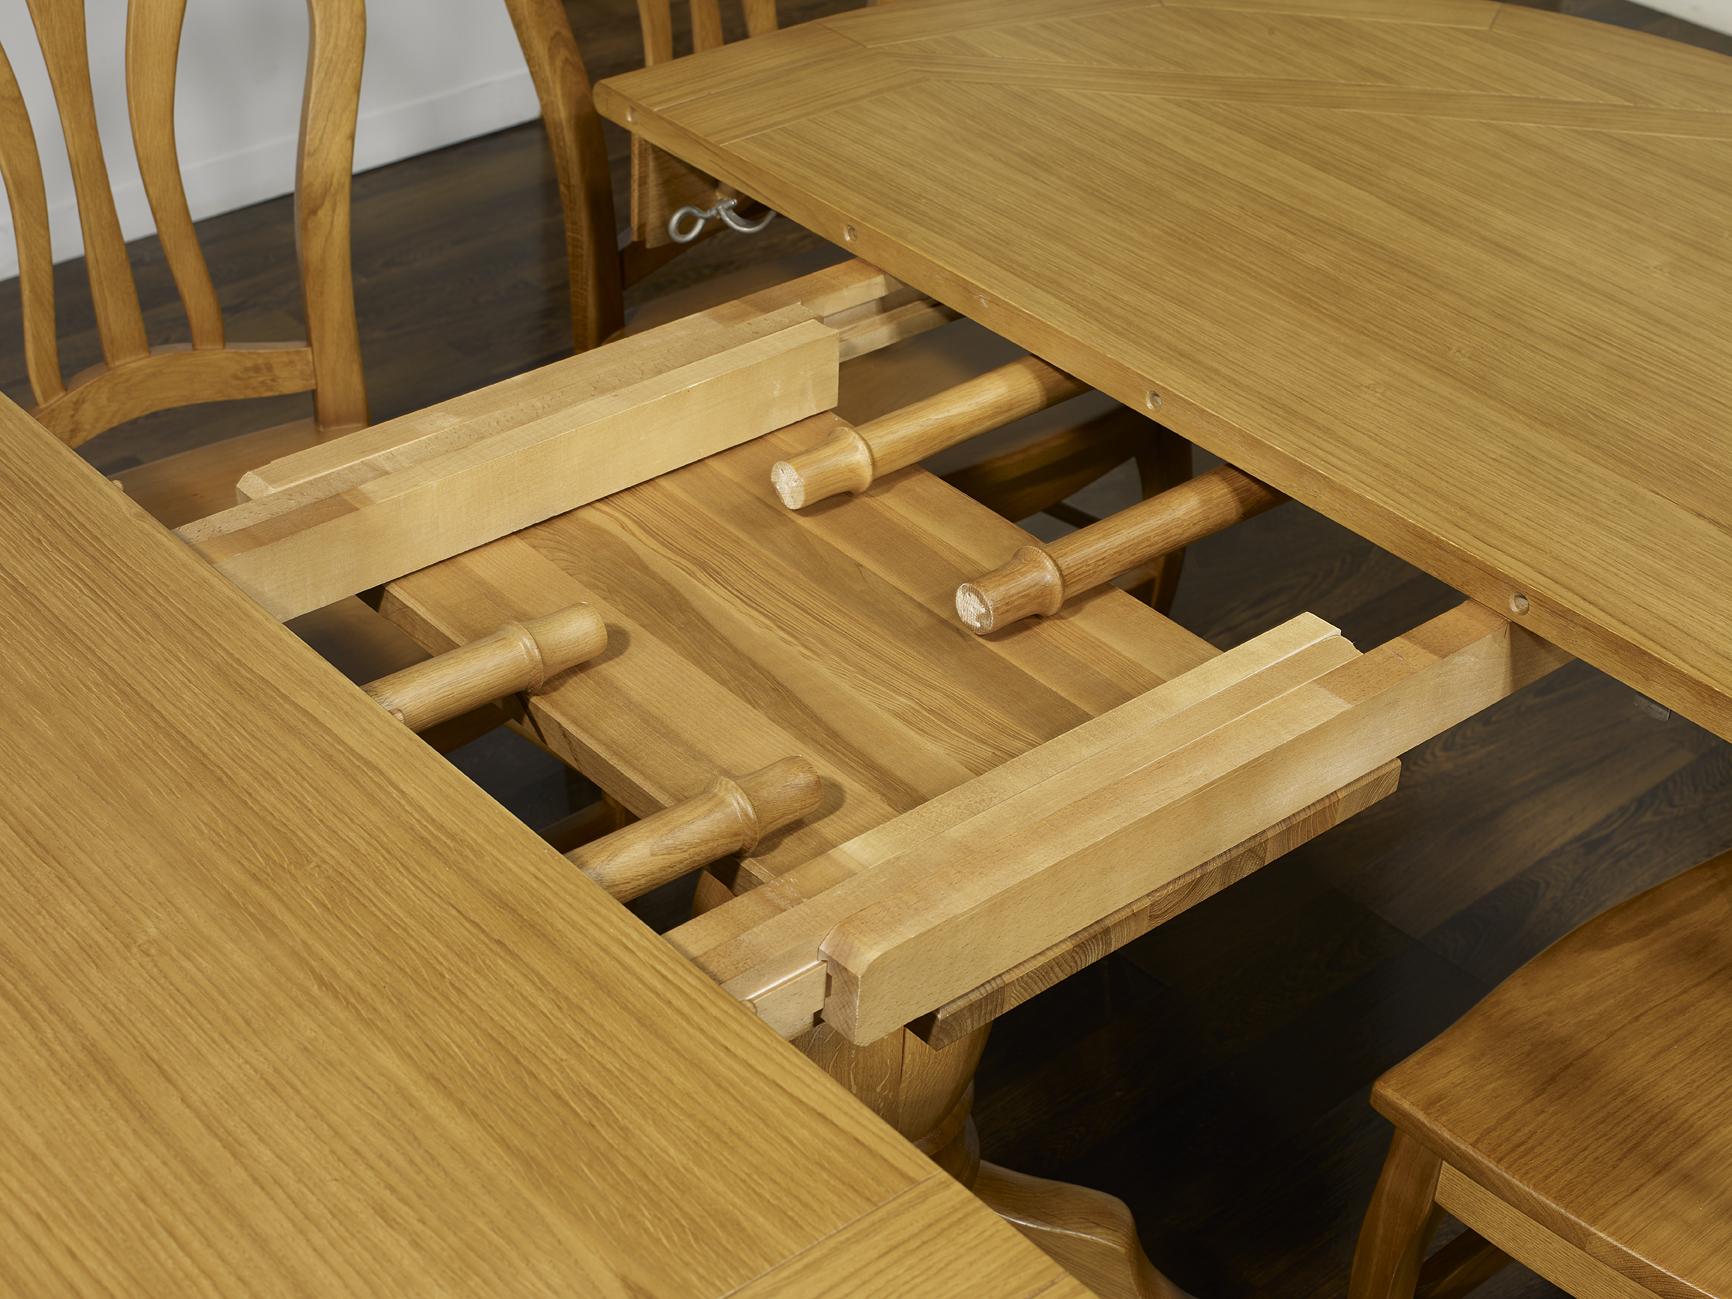 table patte bois. Black Bedroom Furniture Sets. Home Design Ideas